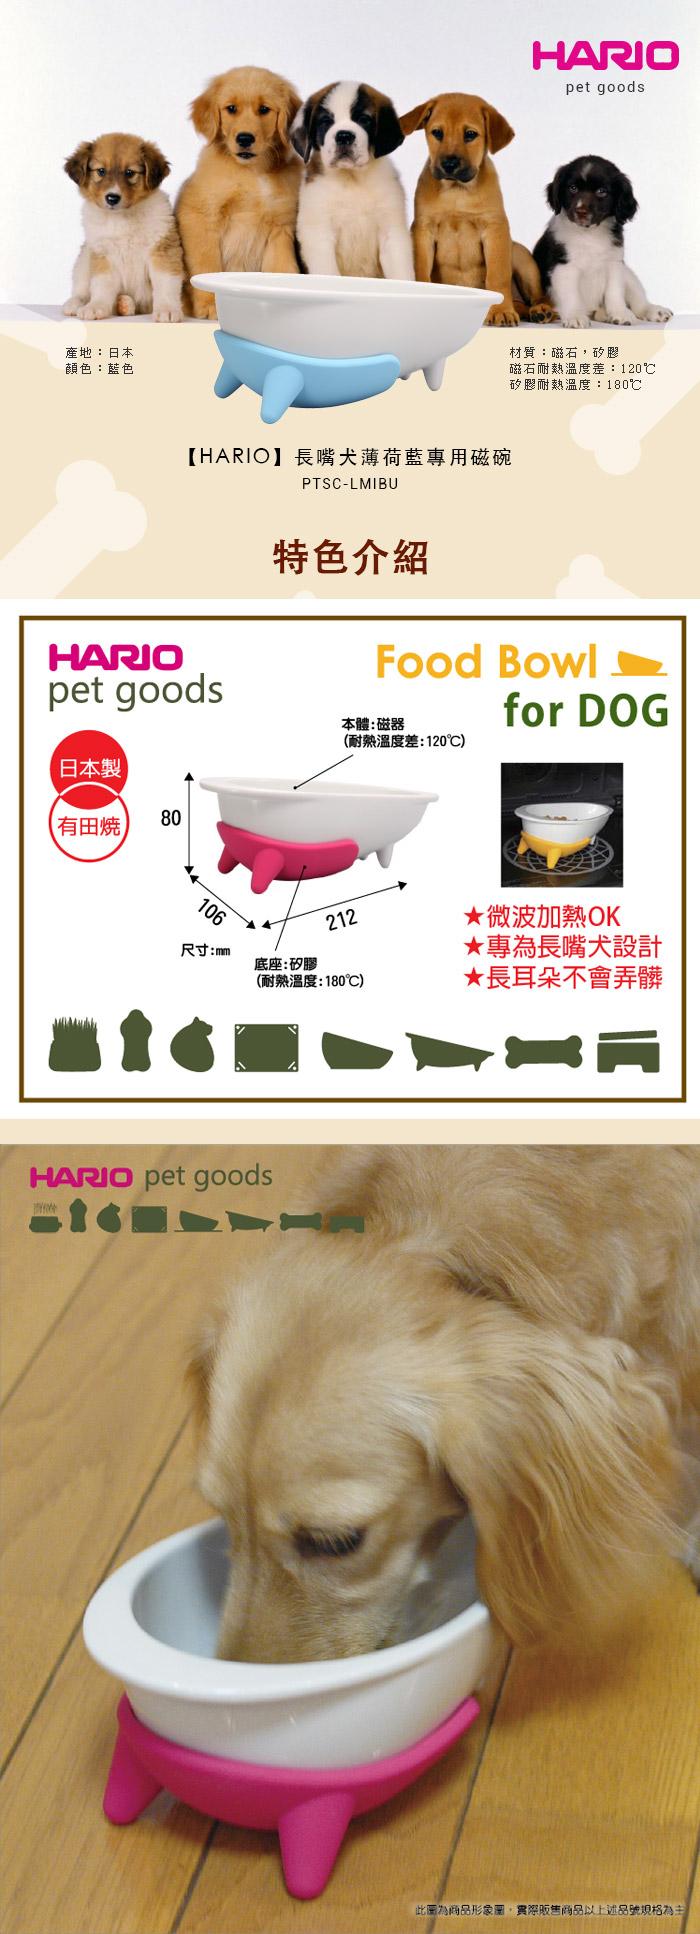 (複製)HARIO 長嘴犬芒果黃專用磁碗  PTSC-LMY